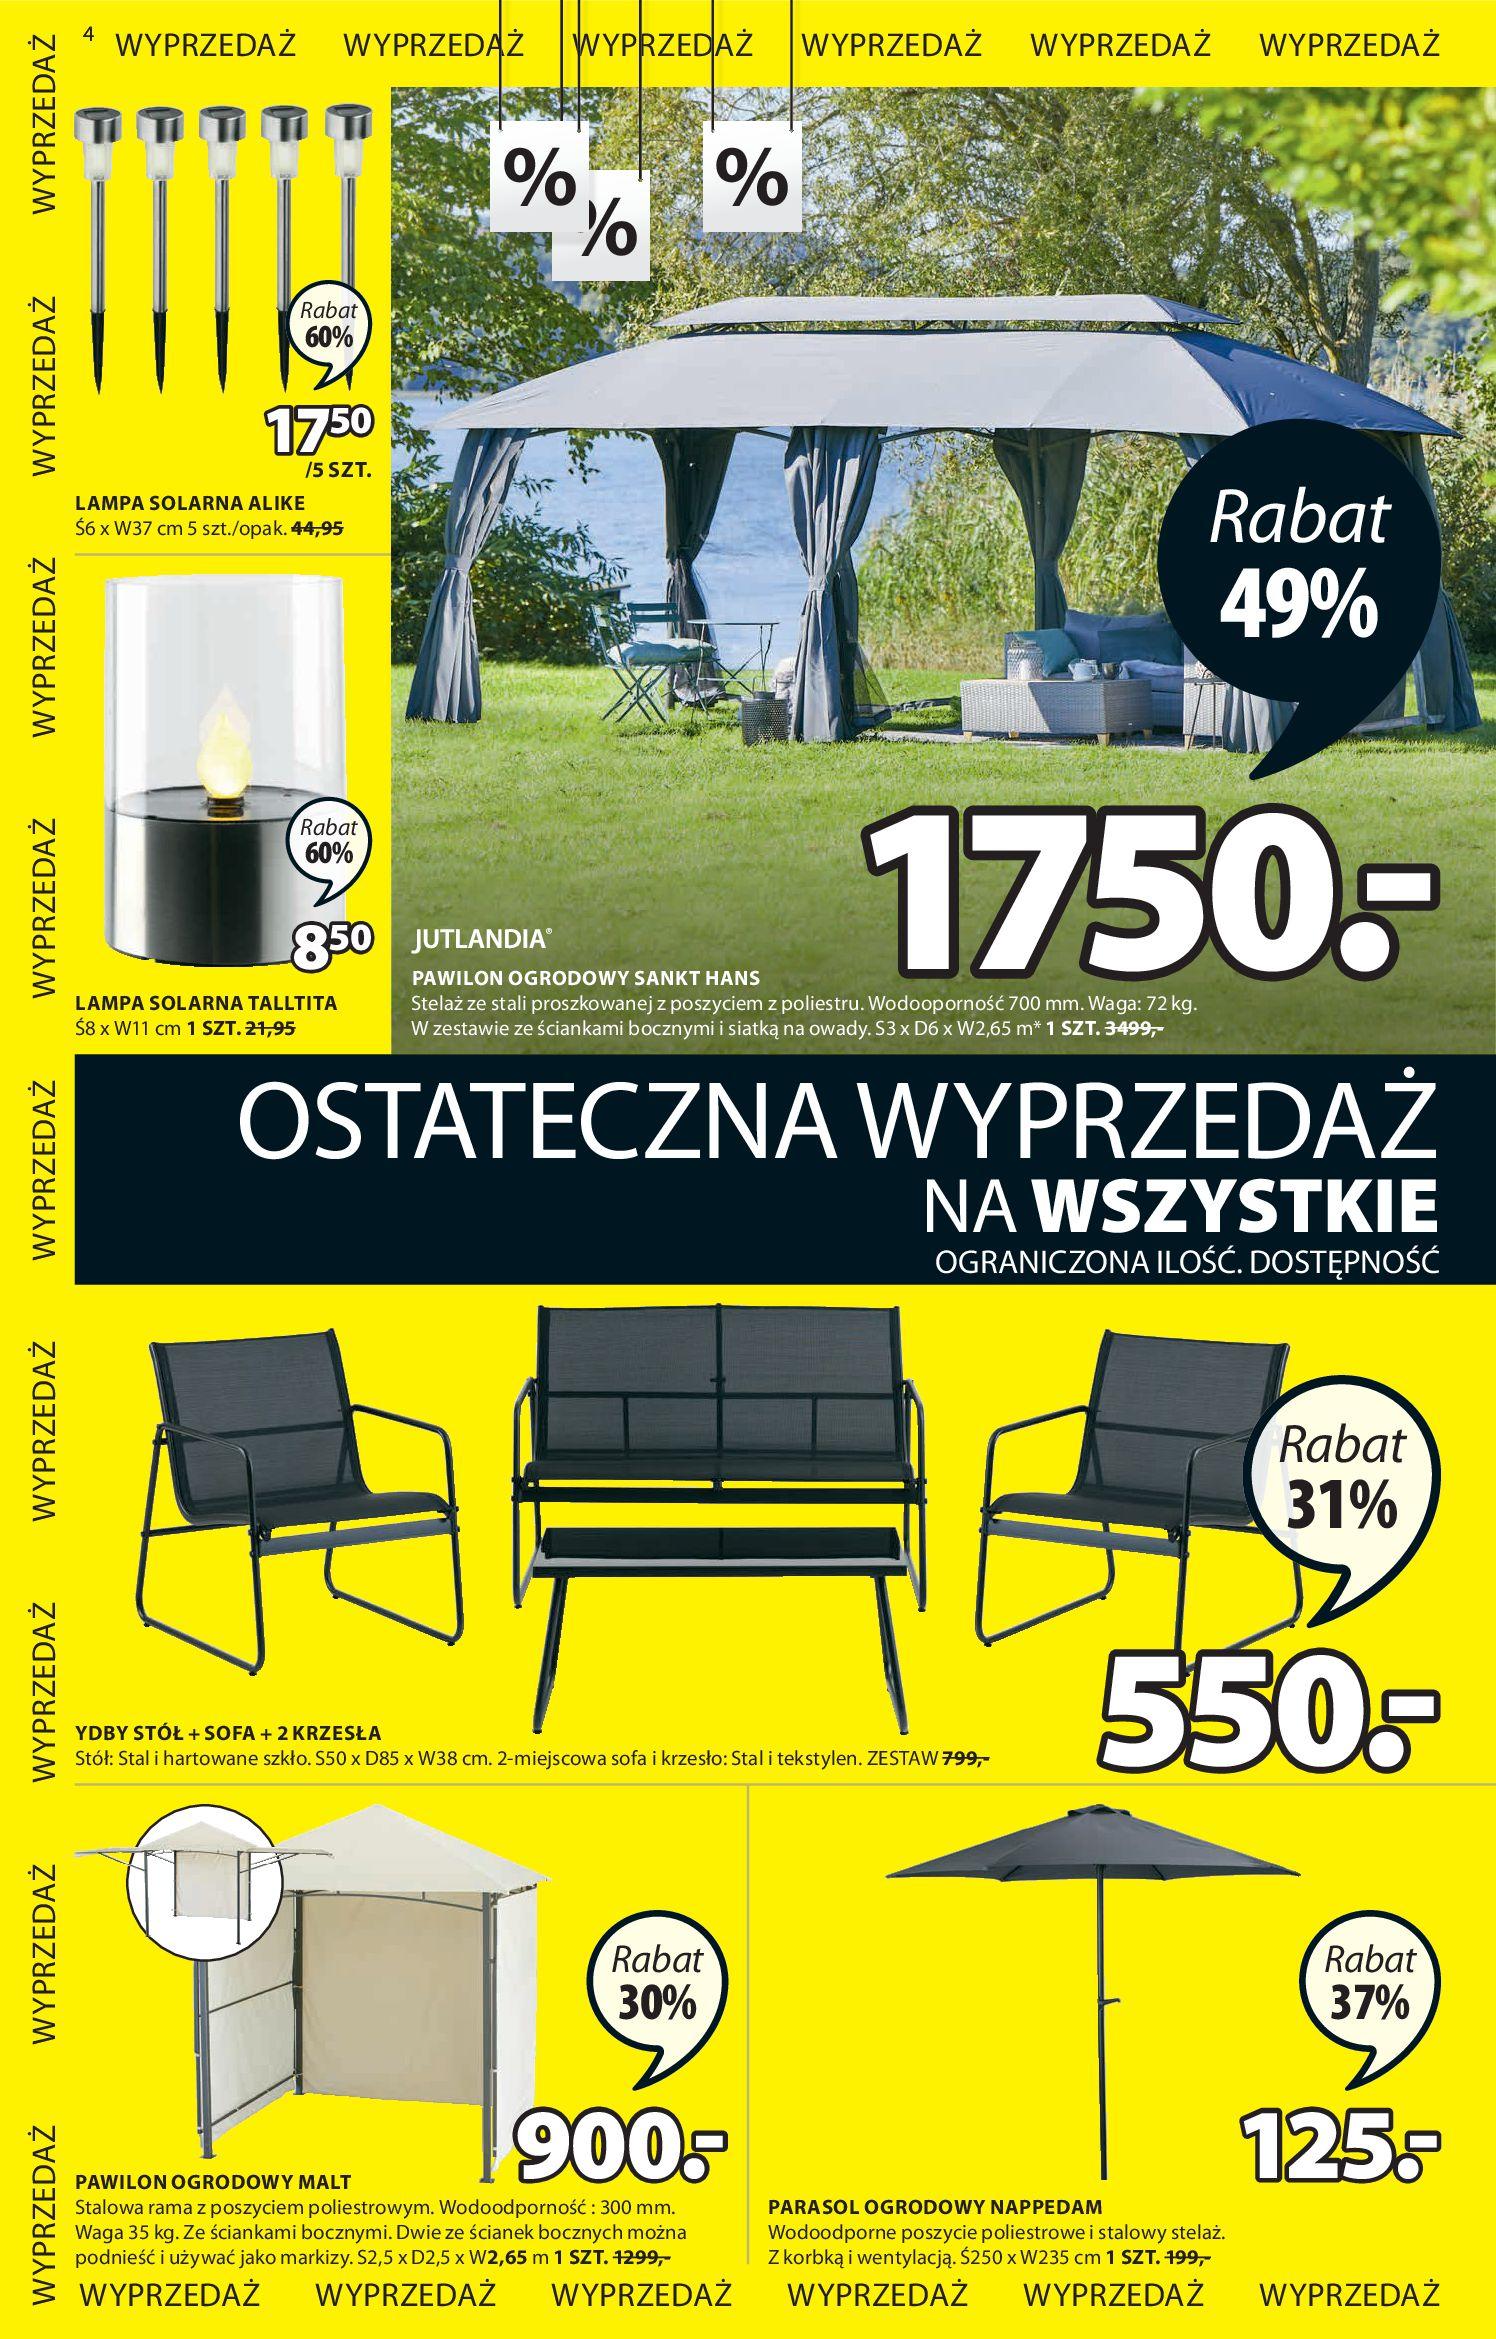 Gazetka Jysk - Oferta tygodnia-29.07.2020-12.08.2020-page-5